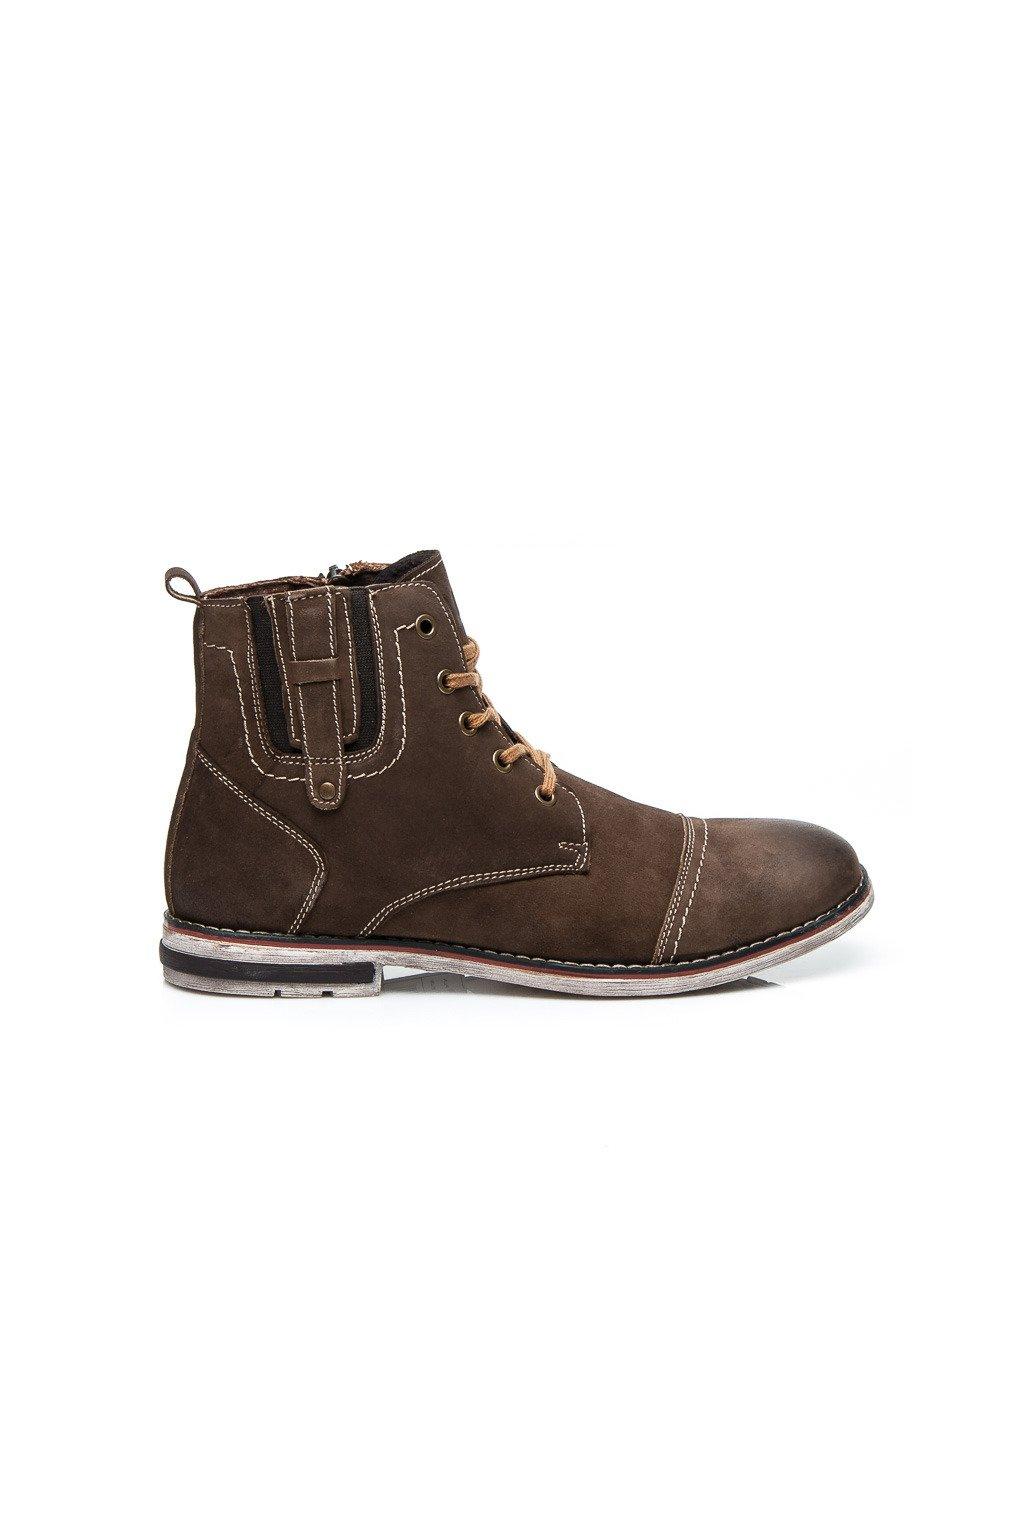 Hnedá pánska obuv SH15-1904BR   L11 veľ.č. 42  9ccad1bd668